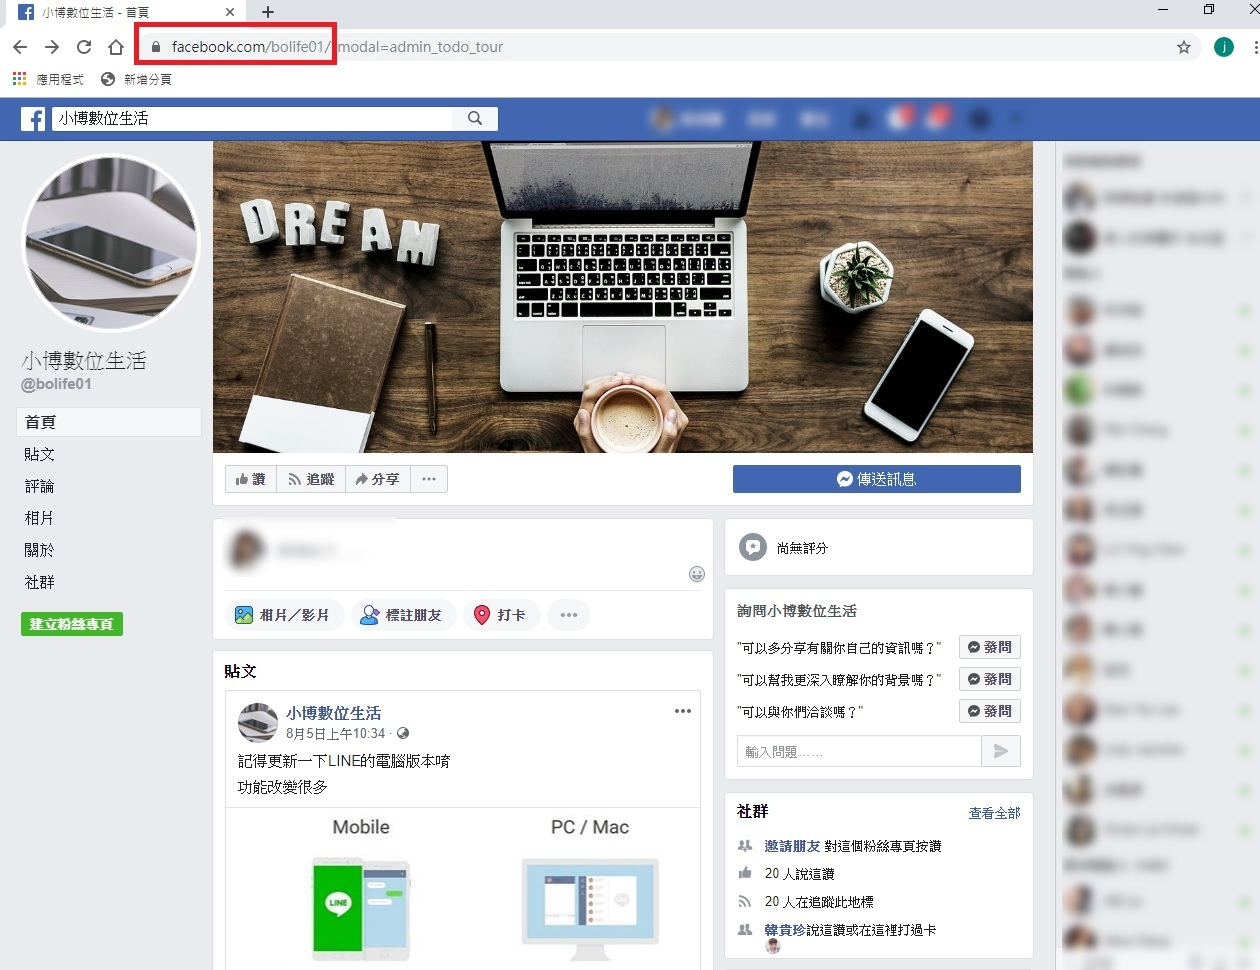 掃瞄QR-CODE開啟Facebook APP打卡頁面